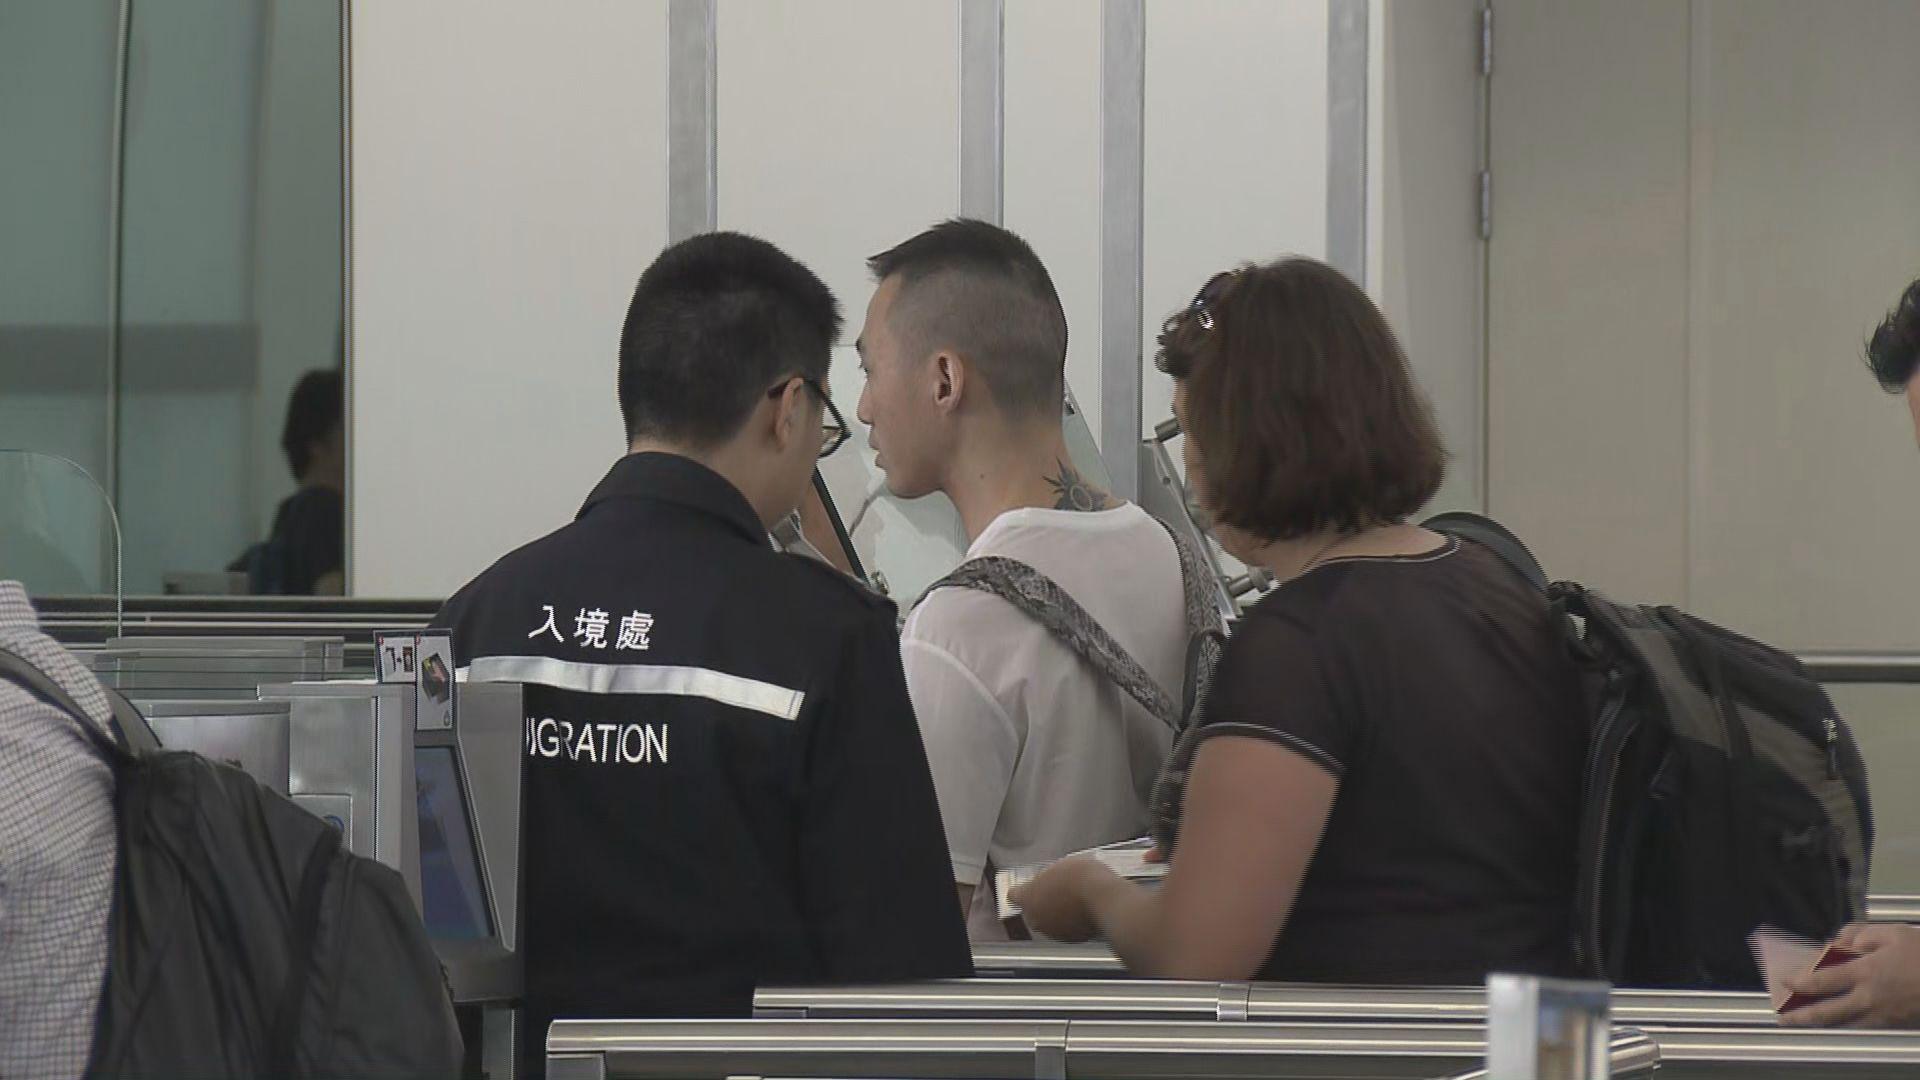 香港泰國可互用自助入境檢查服務